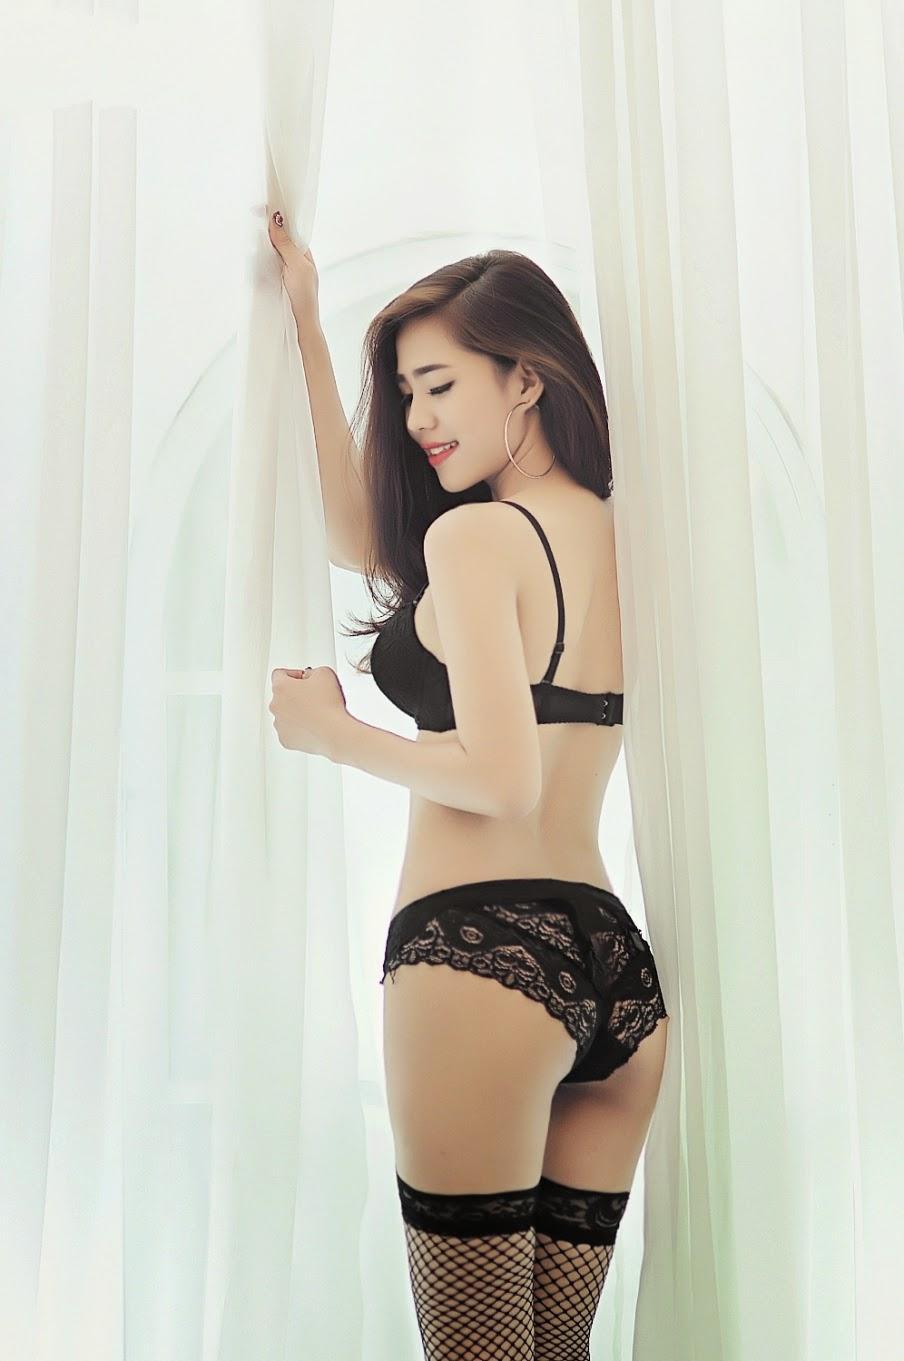 bộ ảnh bikini màu đen đẹp quyến rũ-1